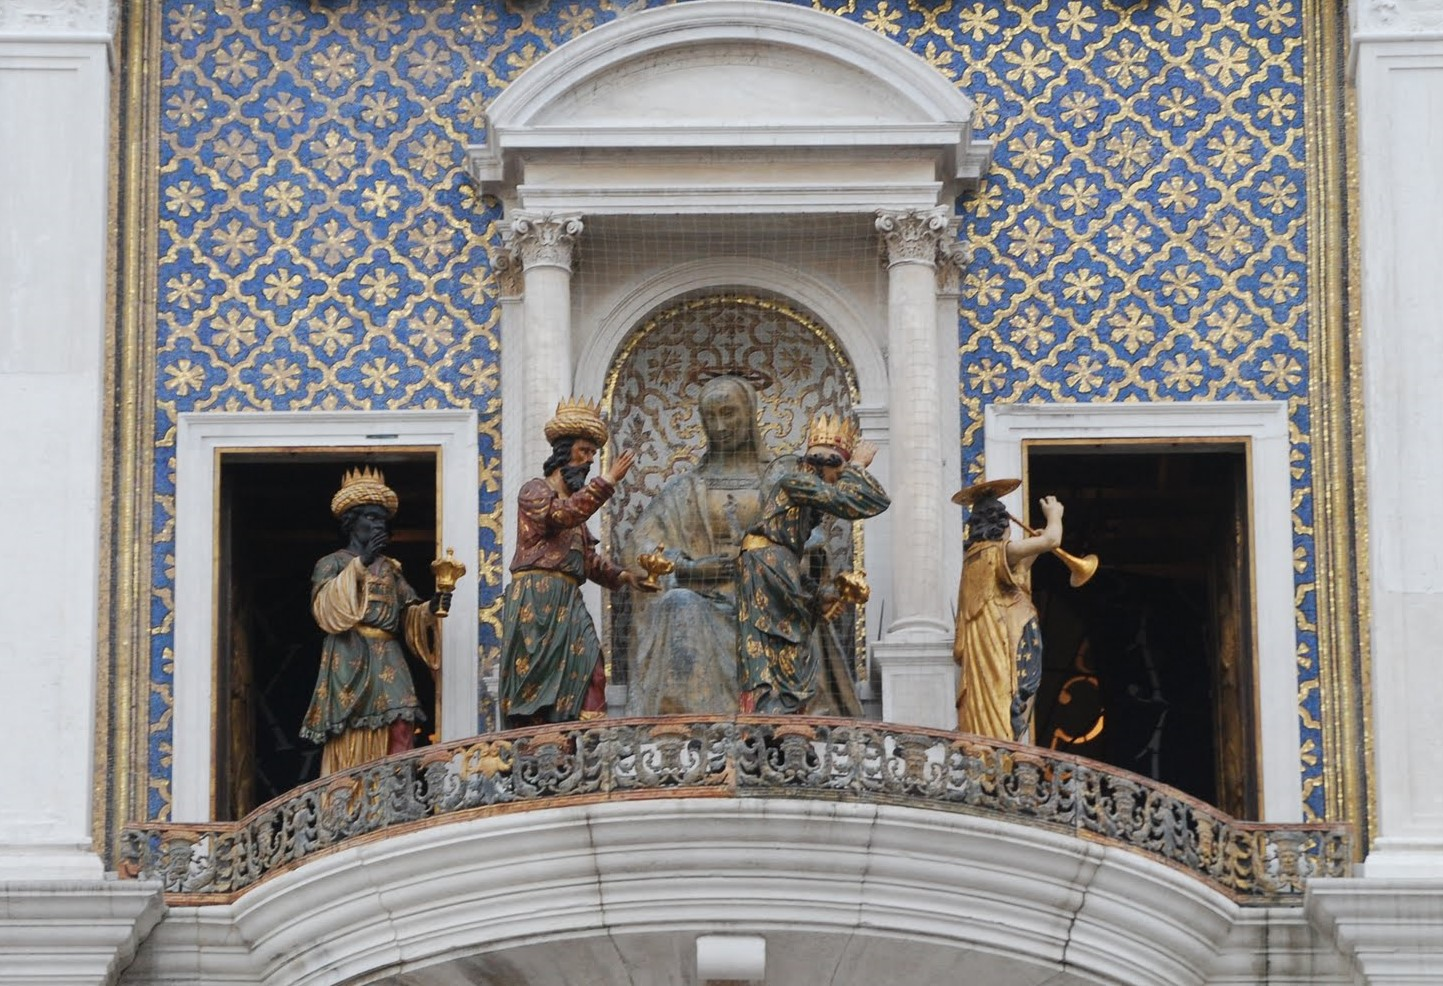 Venezia, Torre dell'Orologio, I magi